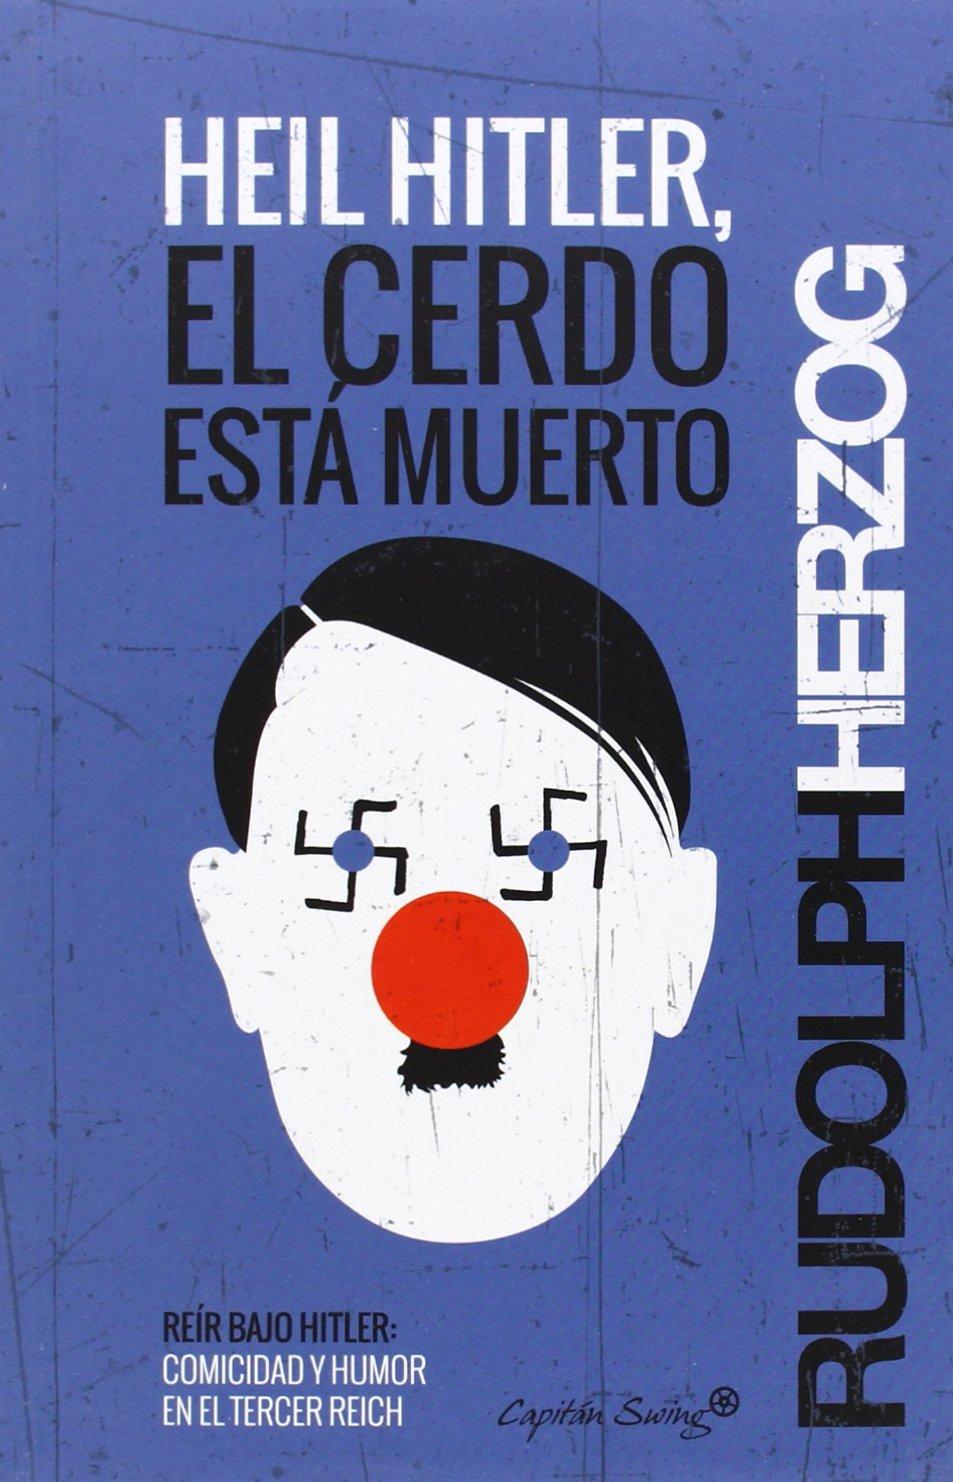 Heil Hitler, el cerdo está muerto (Entrelineas): Amazon.es ...